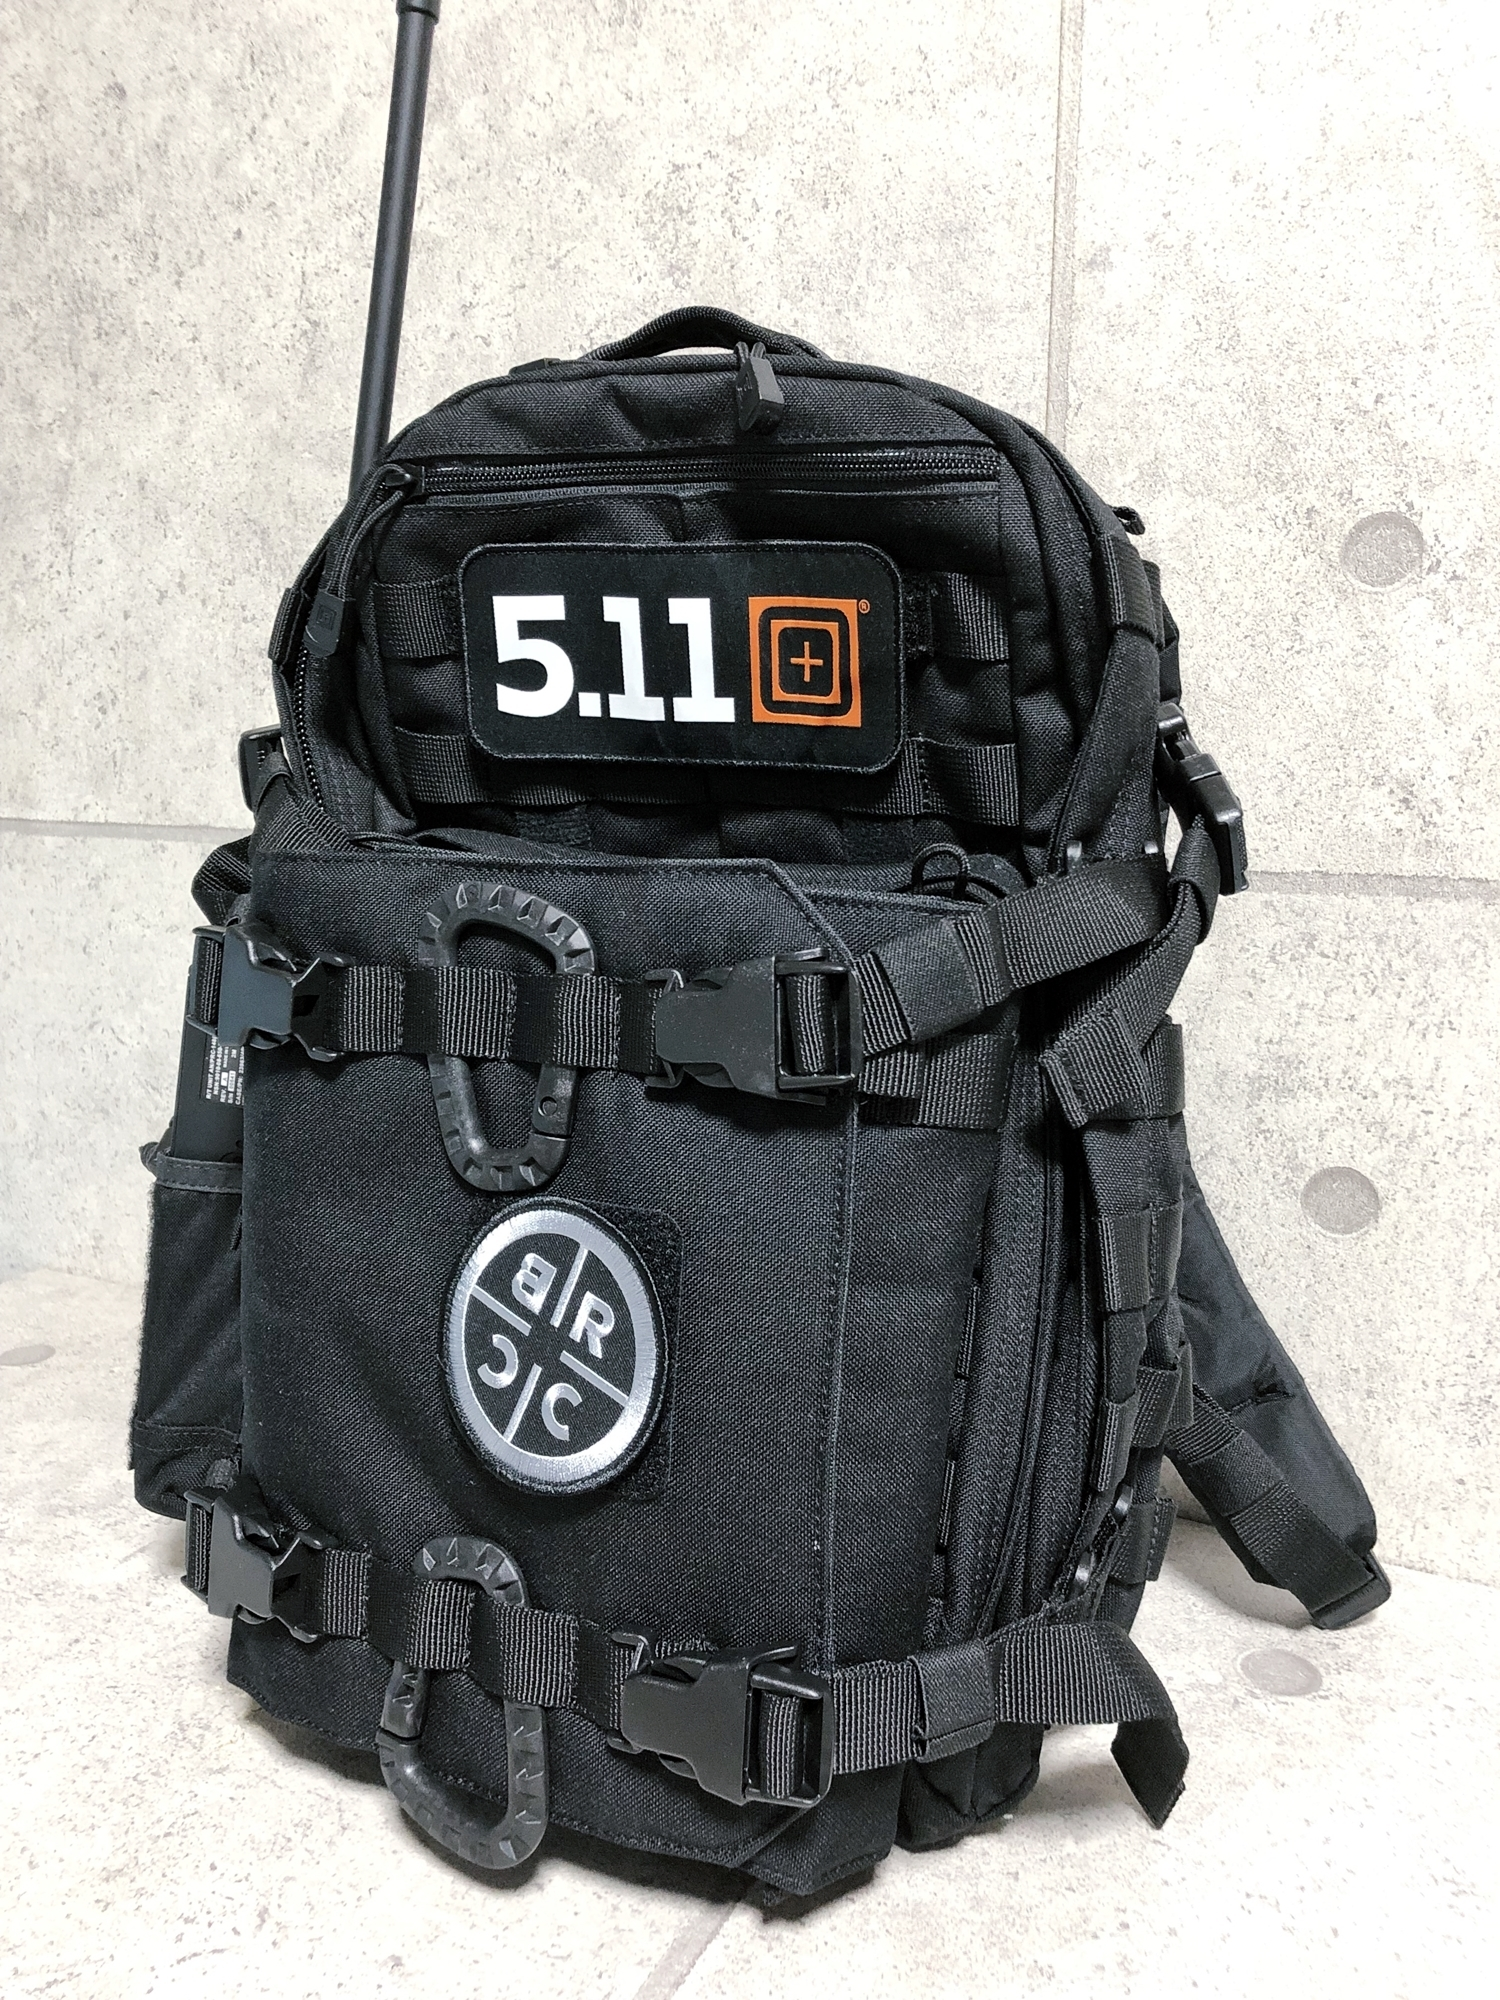 27 実物 511 Tactical RUSH 12 BACKPACK CUSTOM!! ライフルケース・ストラップシステム・ポーチ・ワッペン・ITW TAC LINKなど!! ファイブイレブン タクティカル ラッシュ バックパック カスタム!! 購入 取付 レビュ